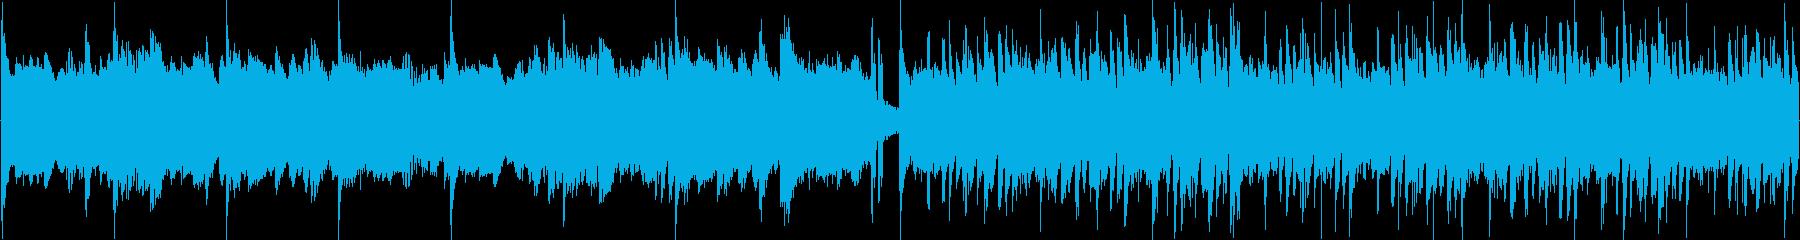 神秘的、幻想的なピアノBGMの再生済みの波形